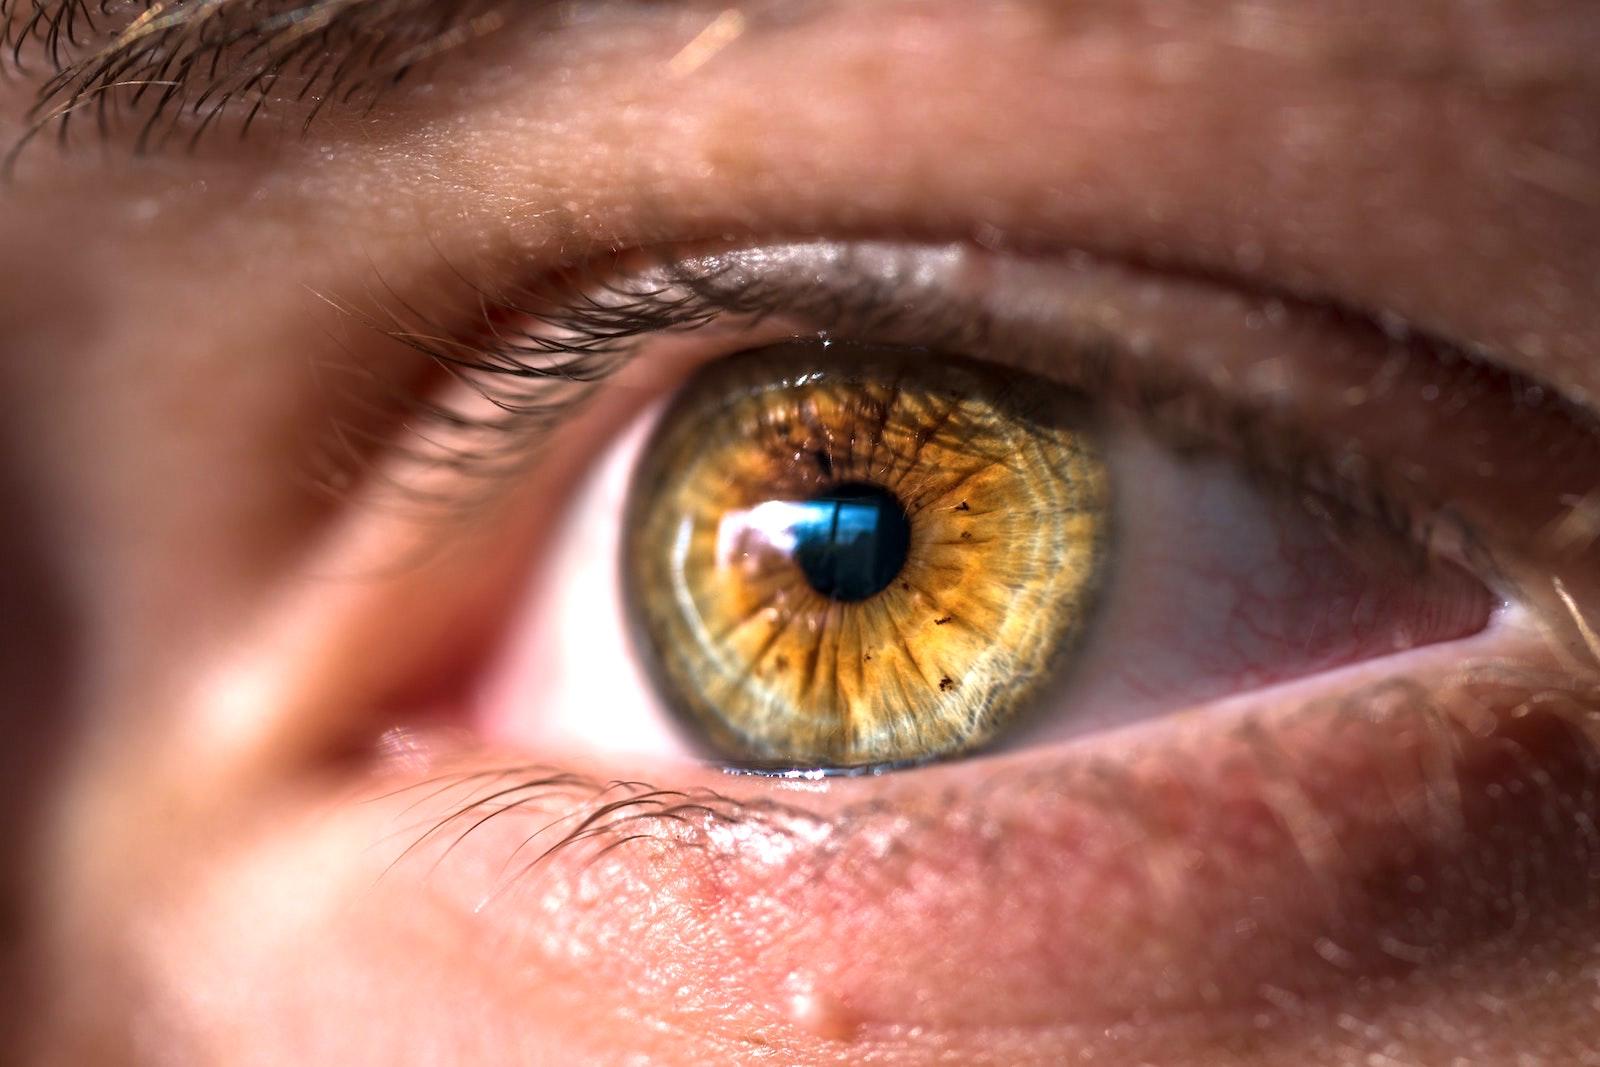 vederea s-a deteriorat, ochii sunt tulburi